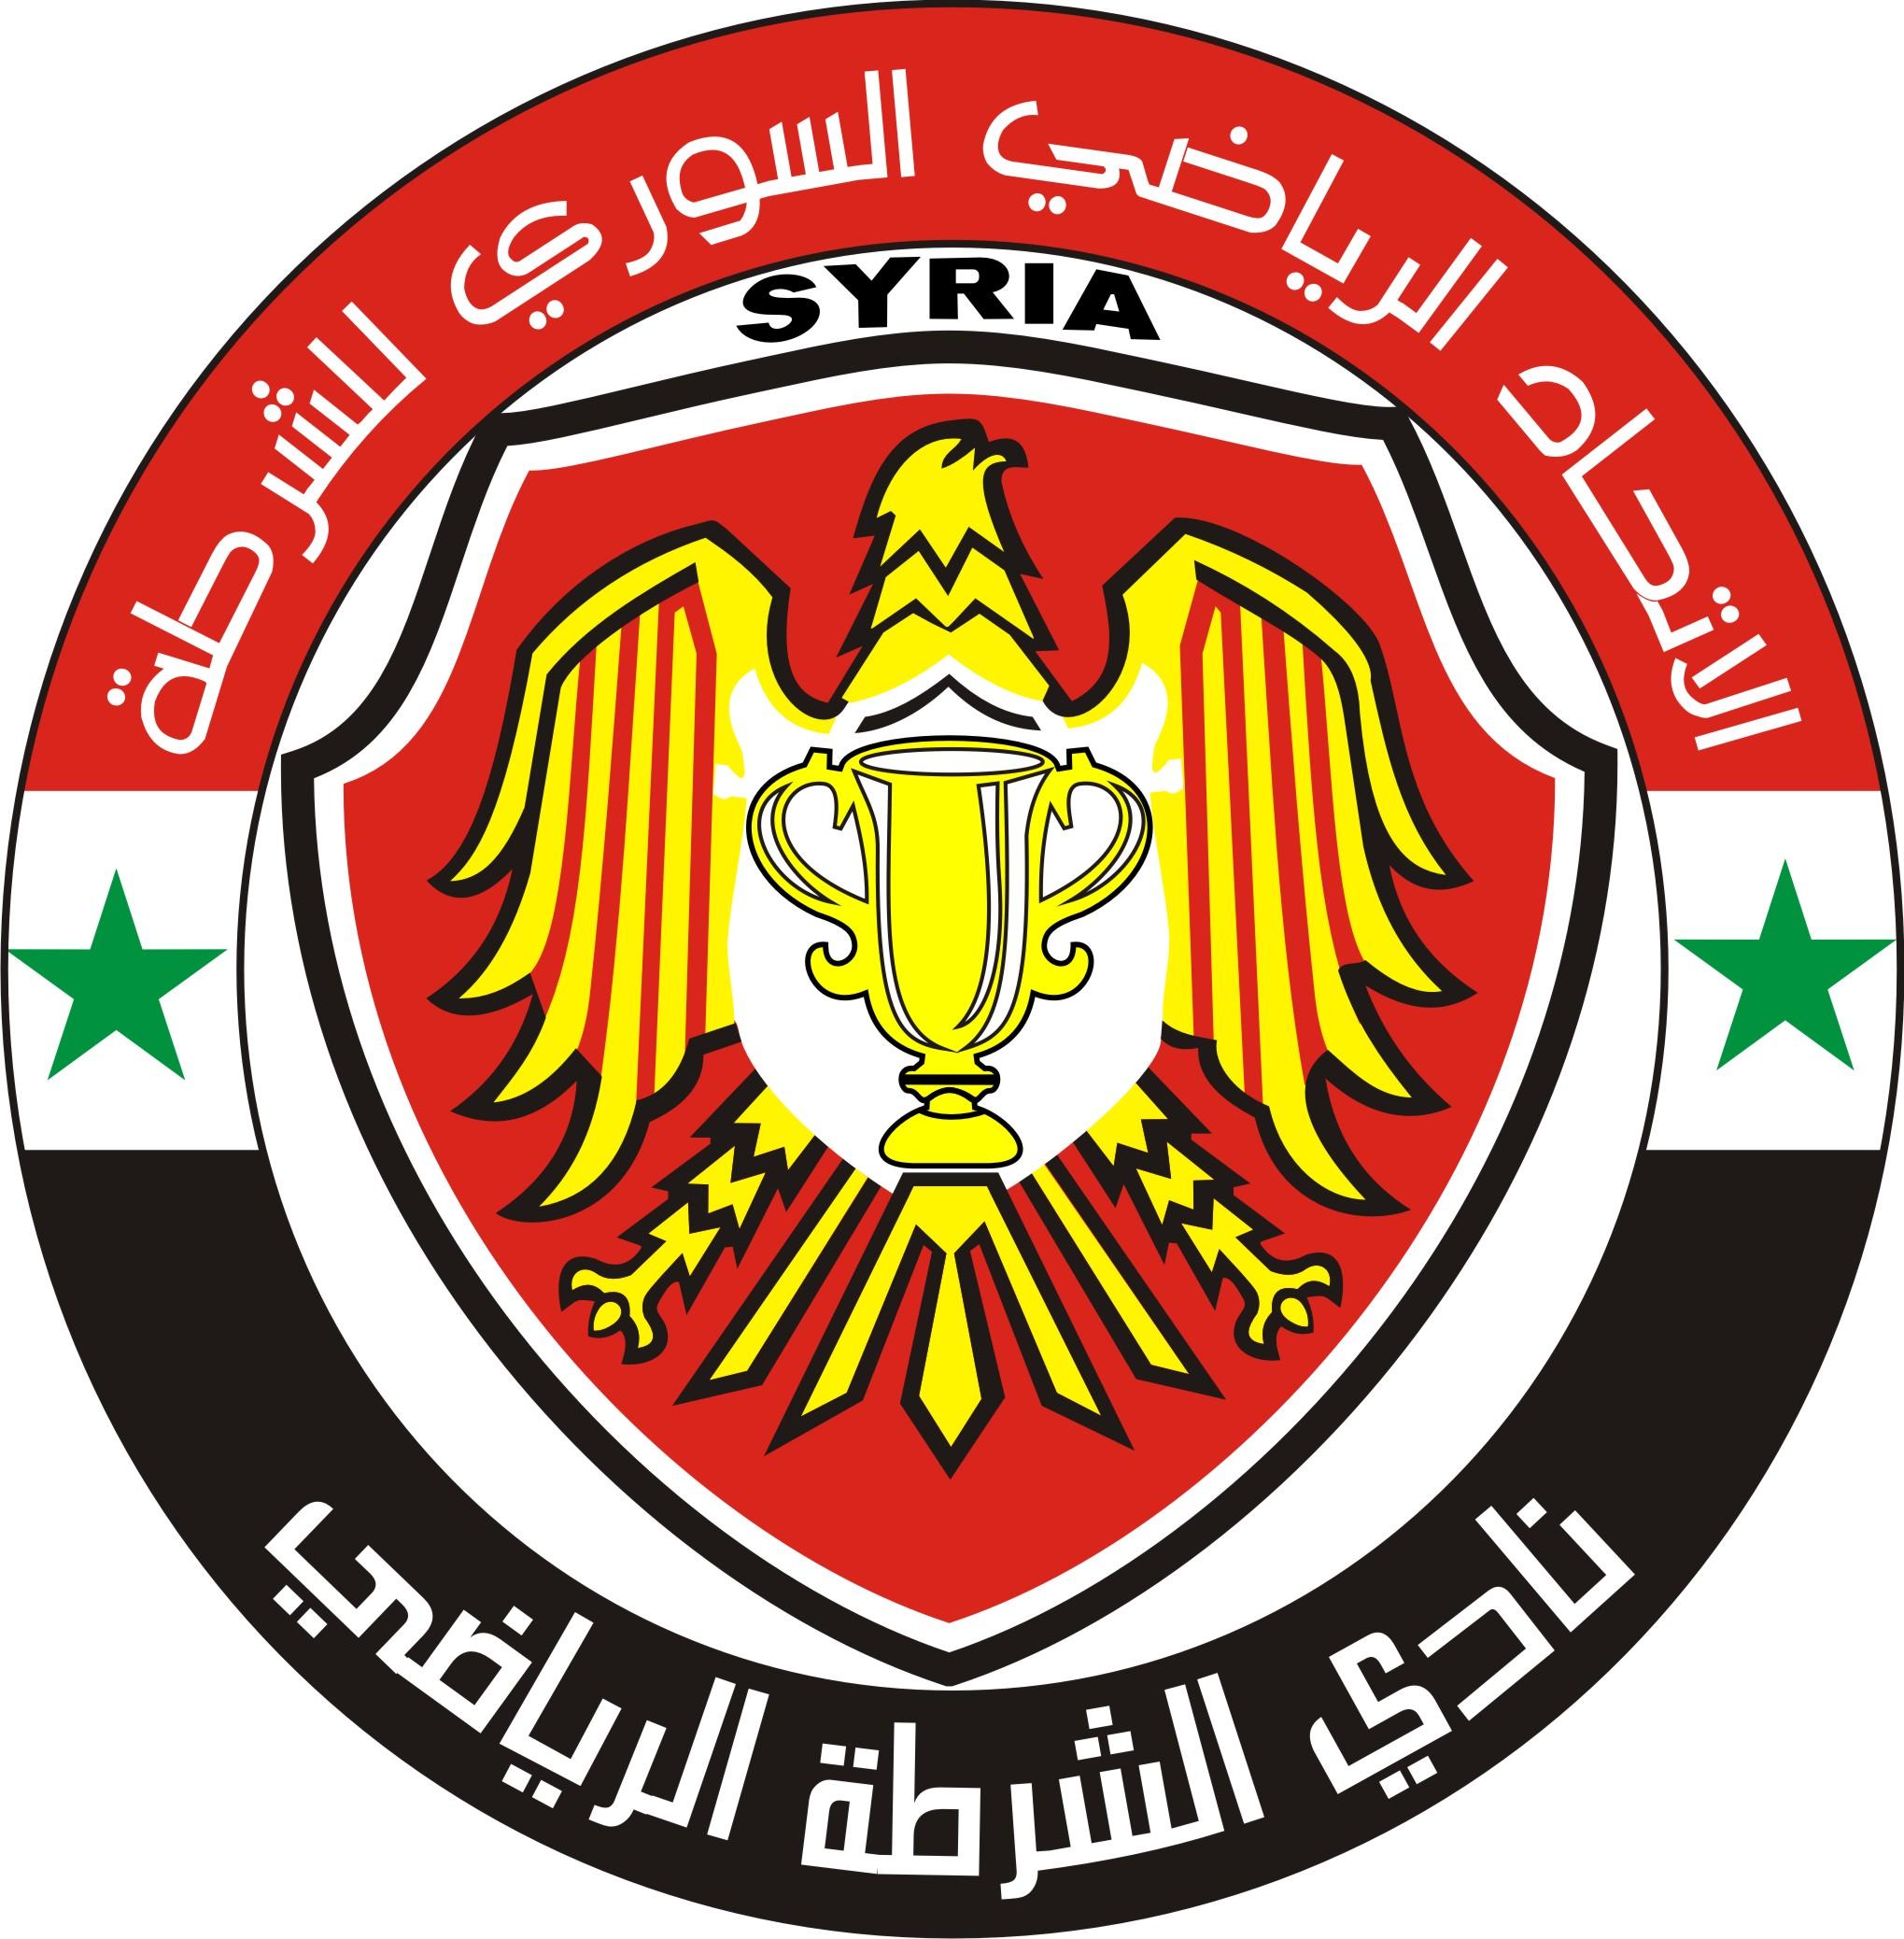 شباب الشرطة بطل لدورة دمشق الكروية